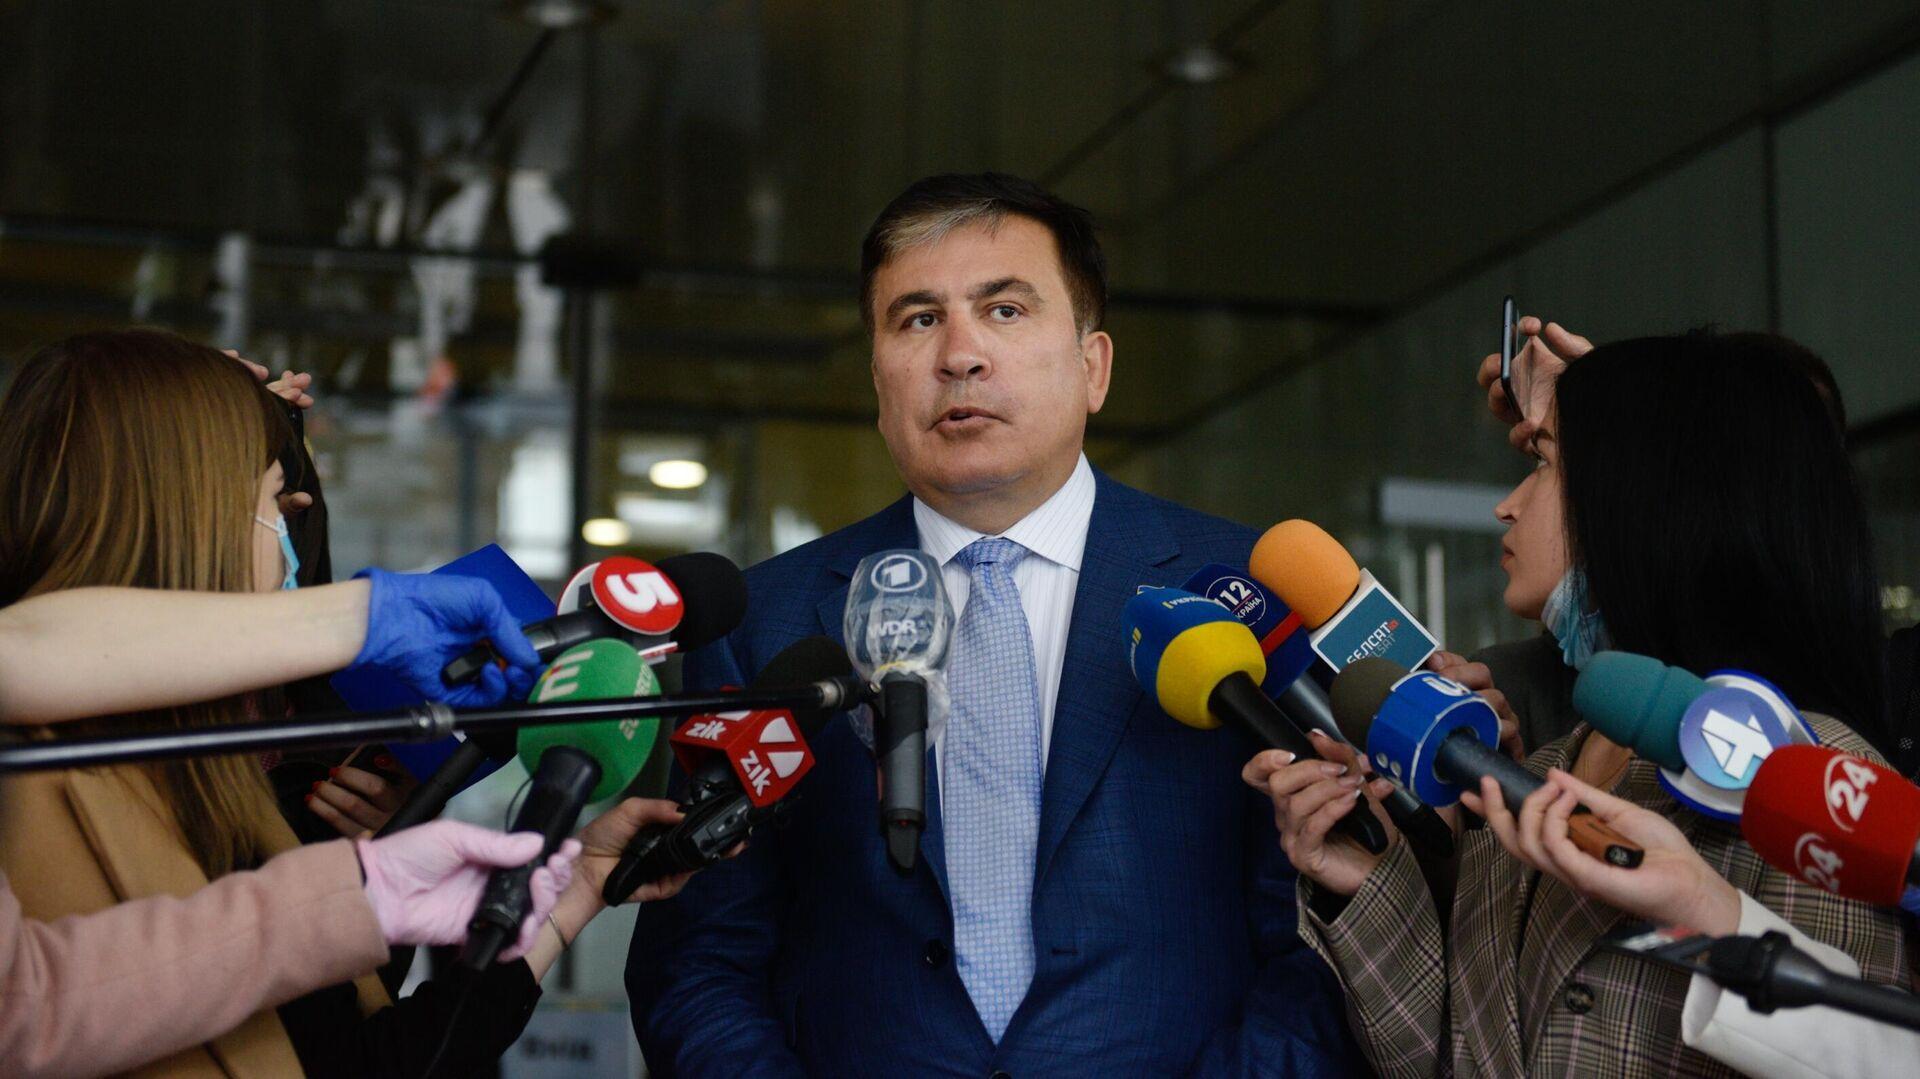 Михаил Саакашвили отвечает на вопросы журналистов перед началом встречи с депутатами фракции Слуга народа в Киеве - РИА Новости, 1920, 07.09.2020